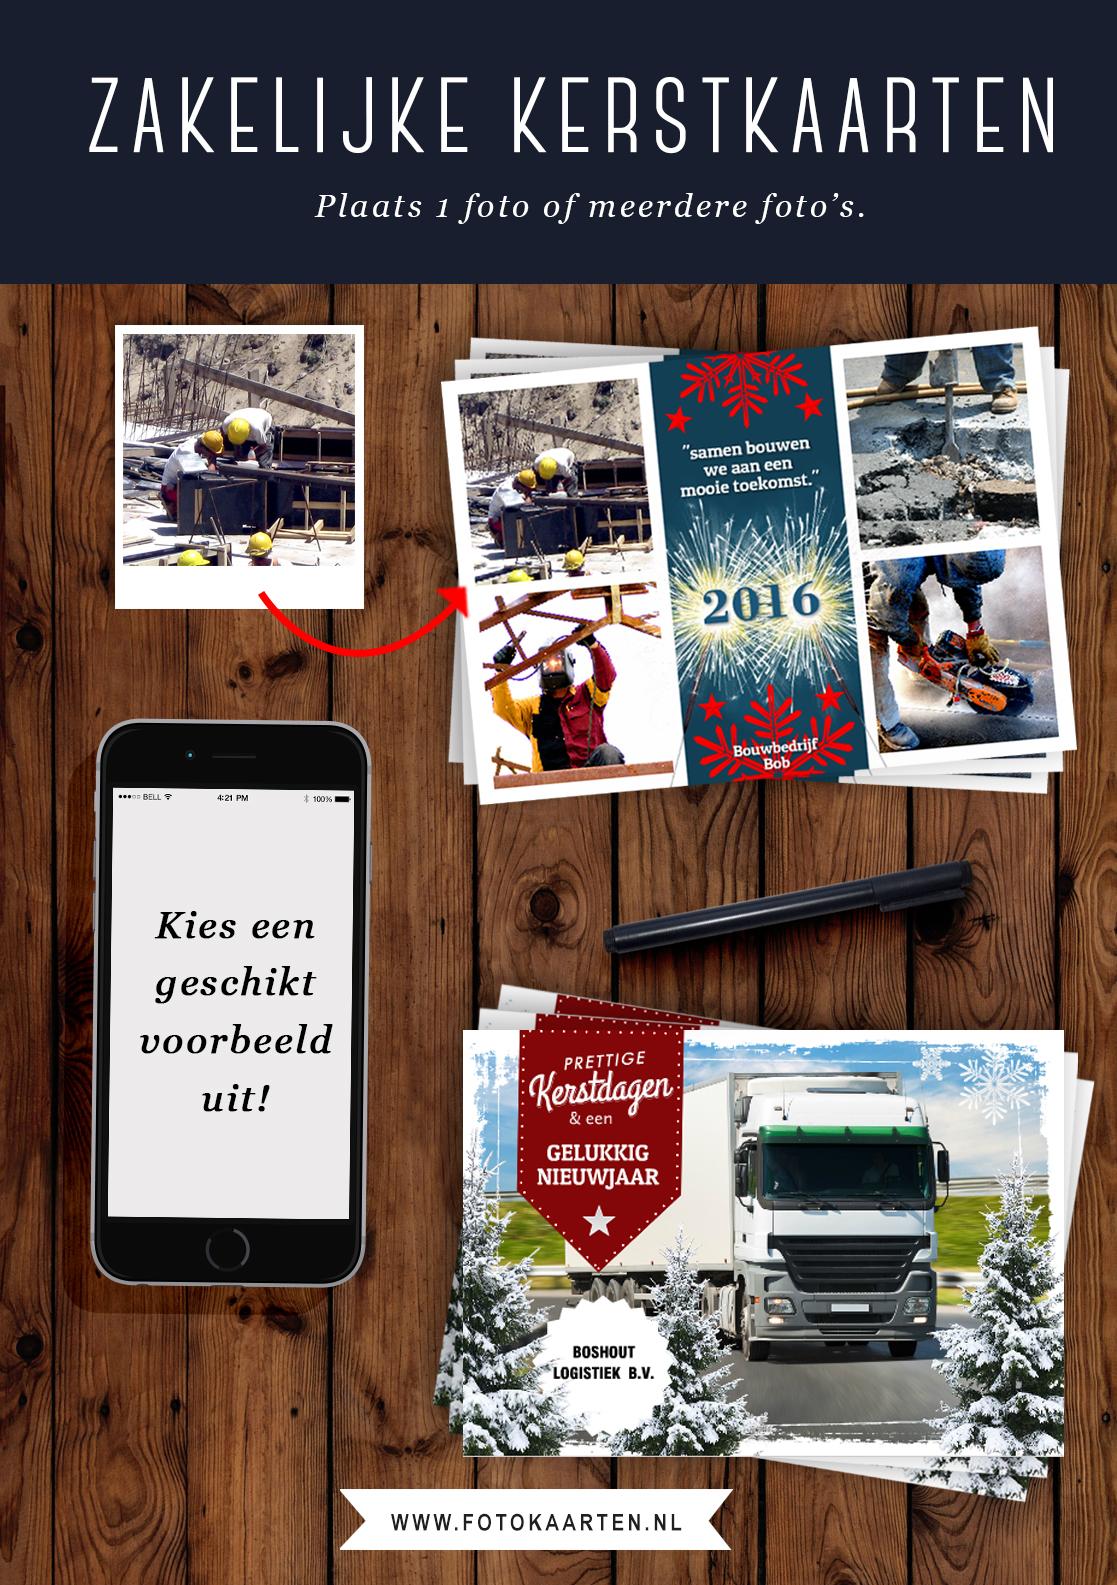 Zakelijke kerstkaarten, tips voor kerstkaarten, marketing, bedrijfskaarten, mooie kaarten laten drukken met foto.